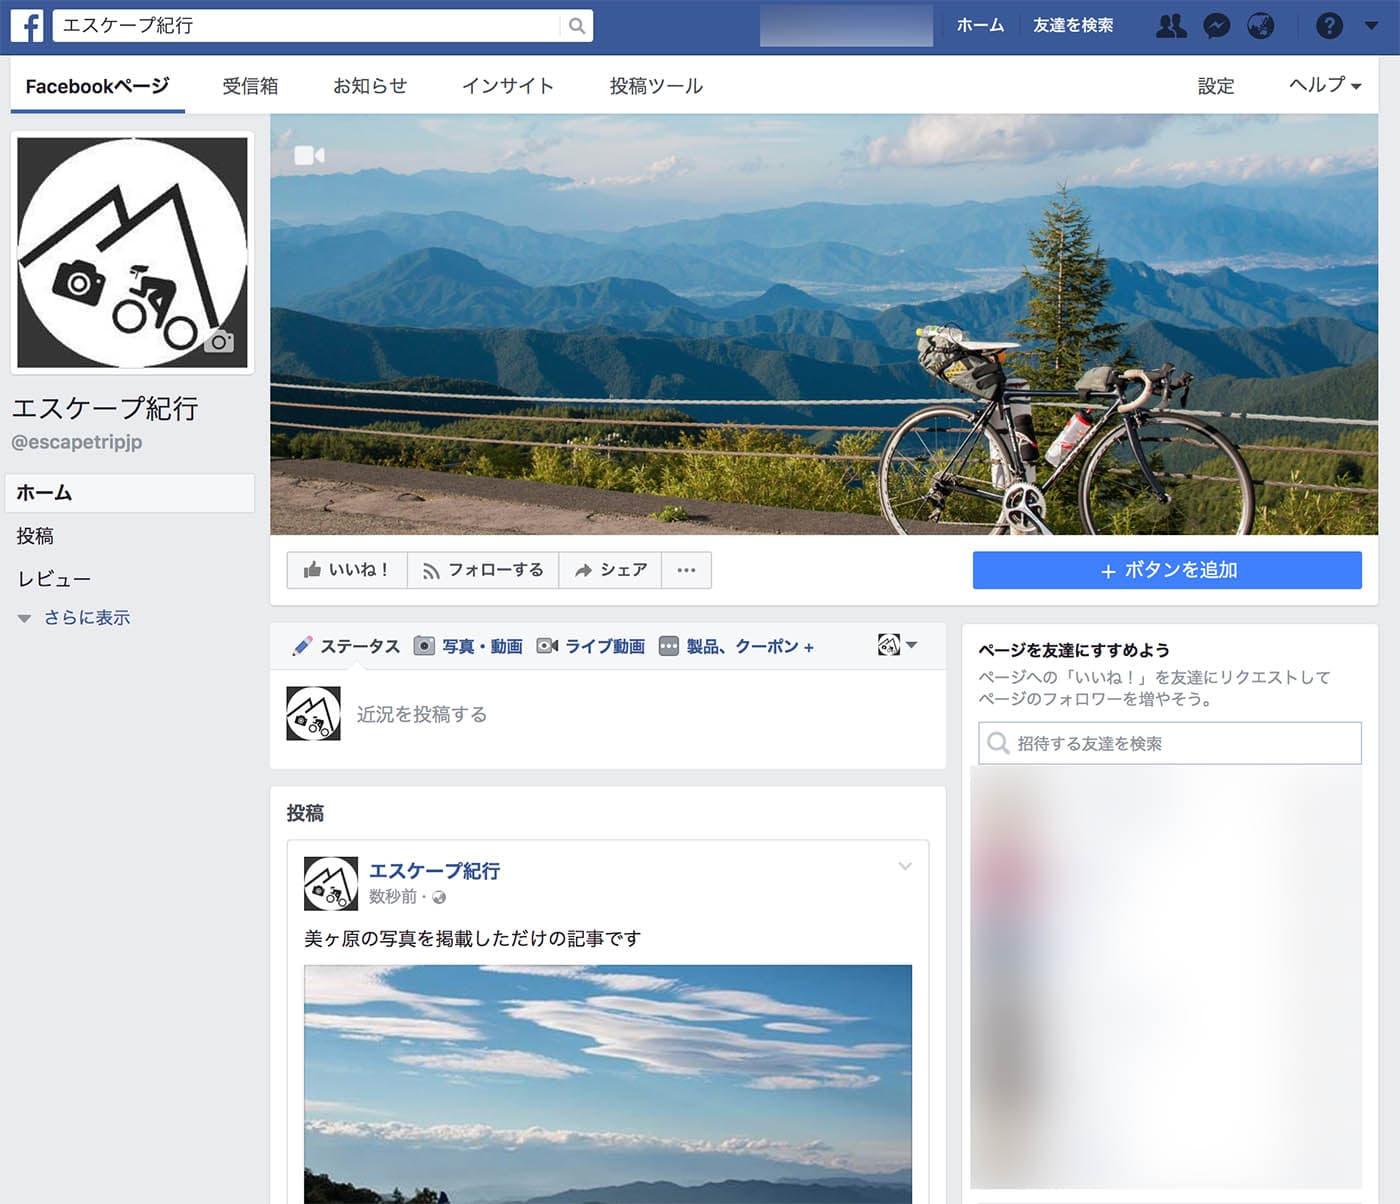 エスケープ紀行のFacebookページ